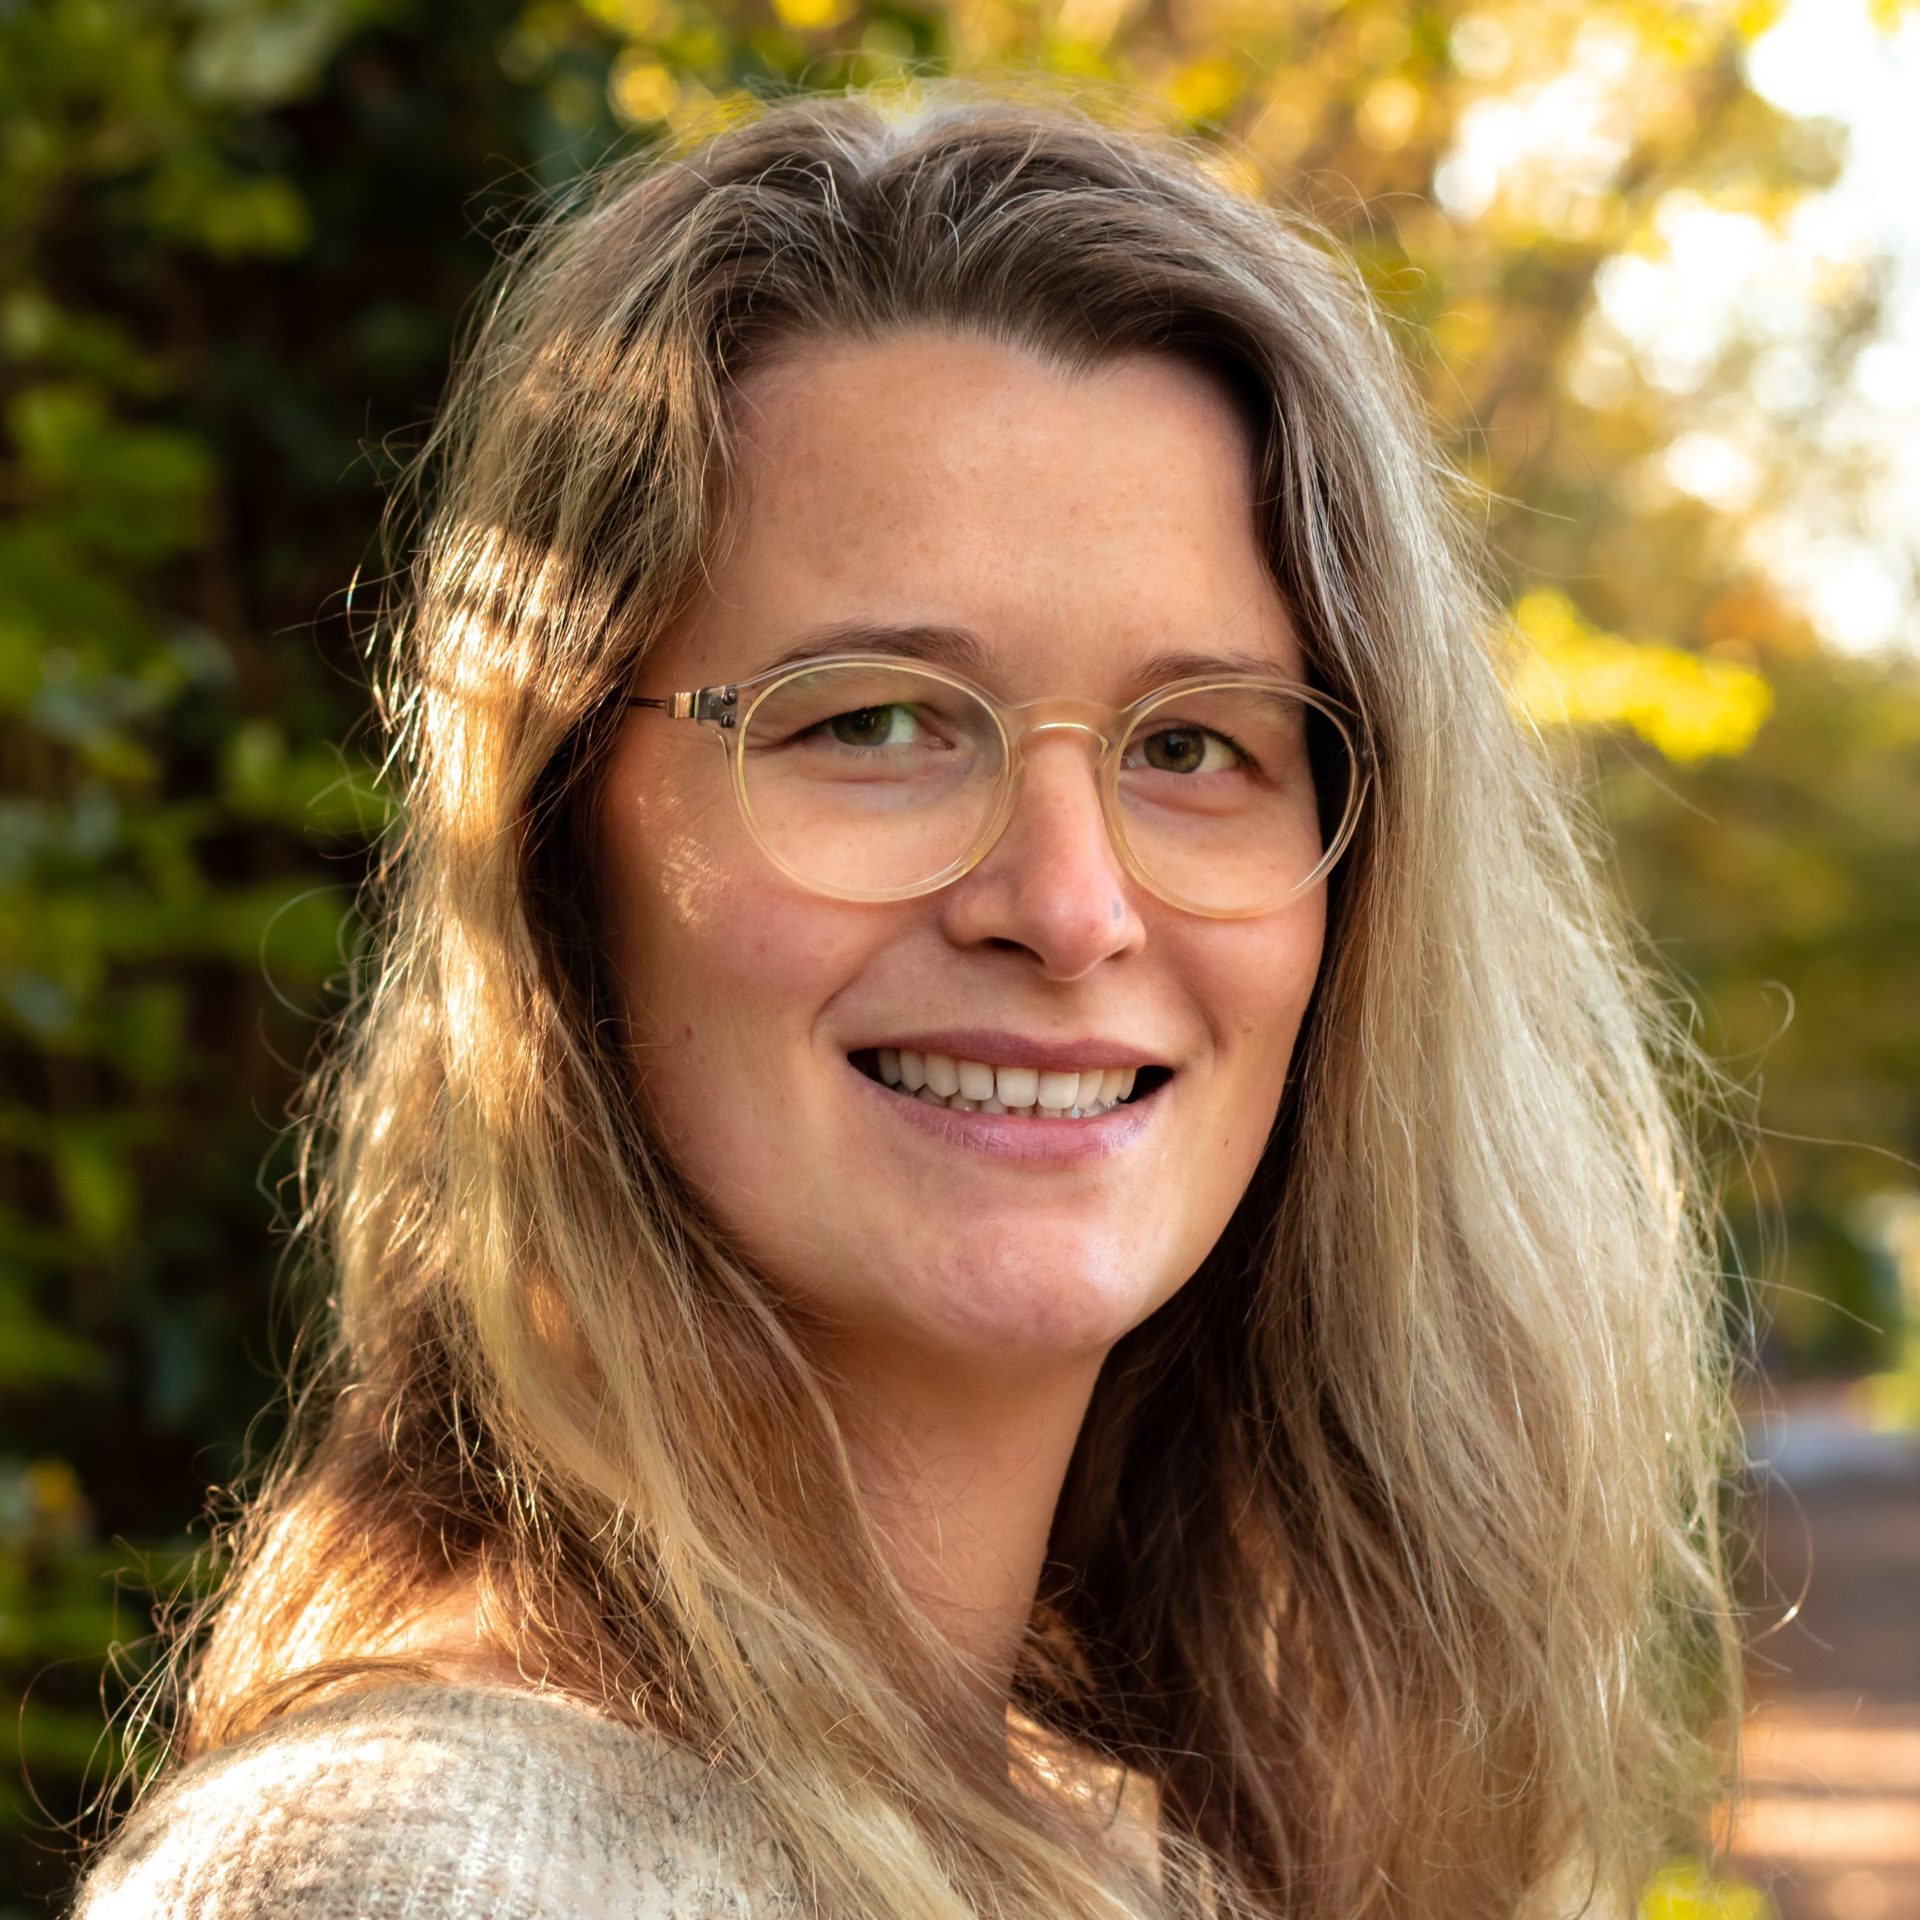 Stefanie Boon